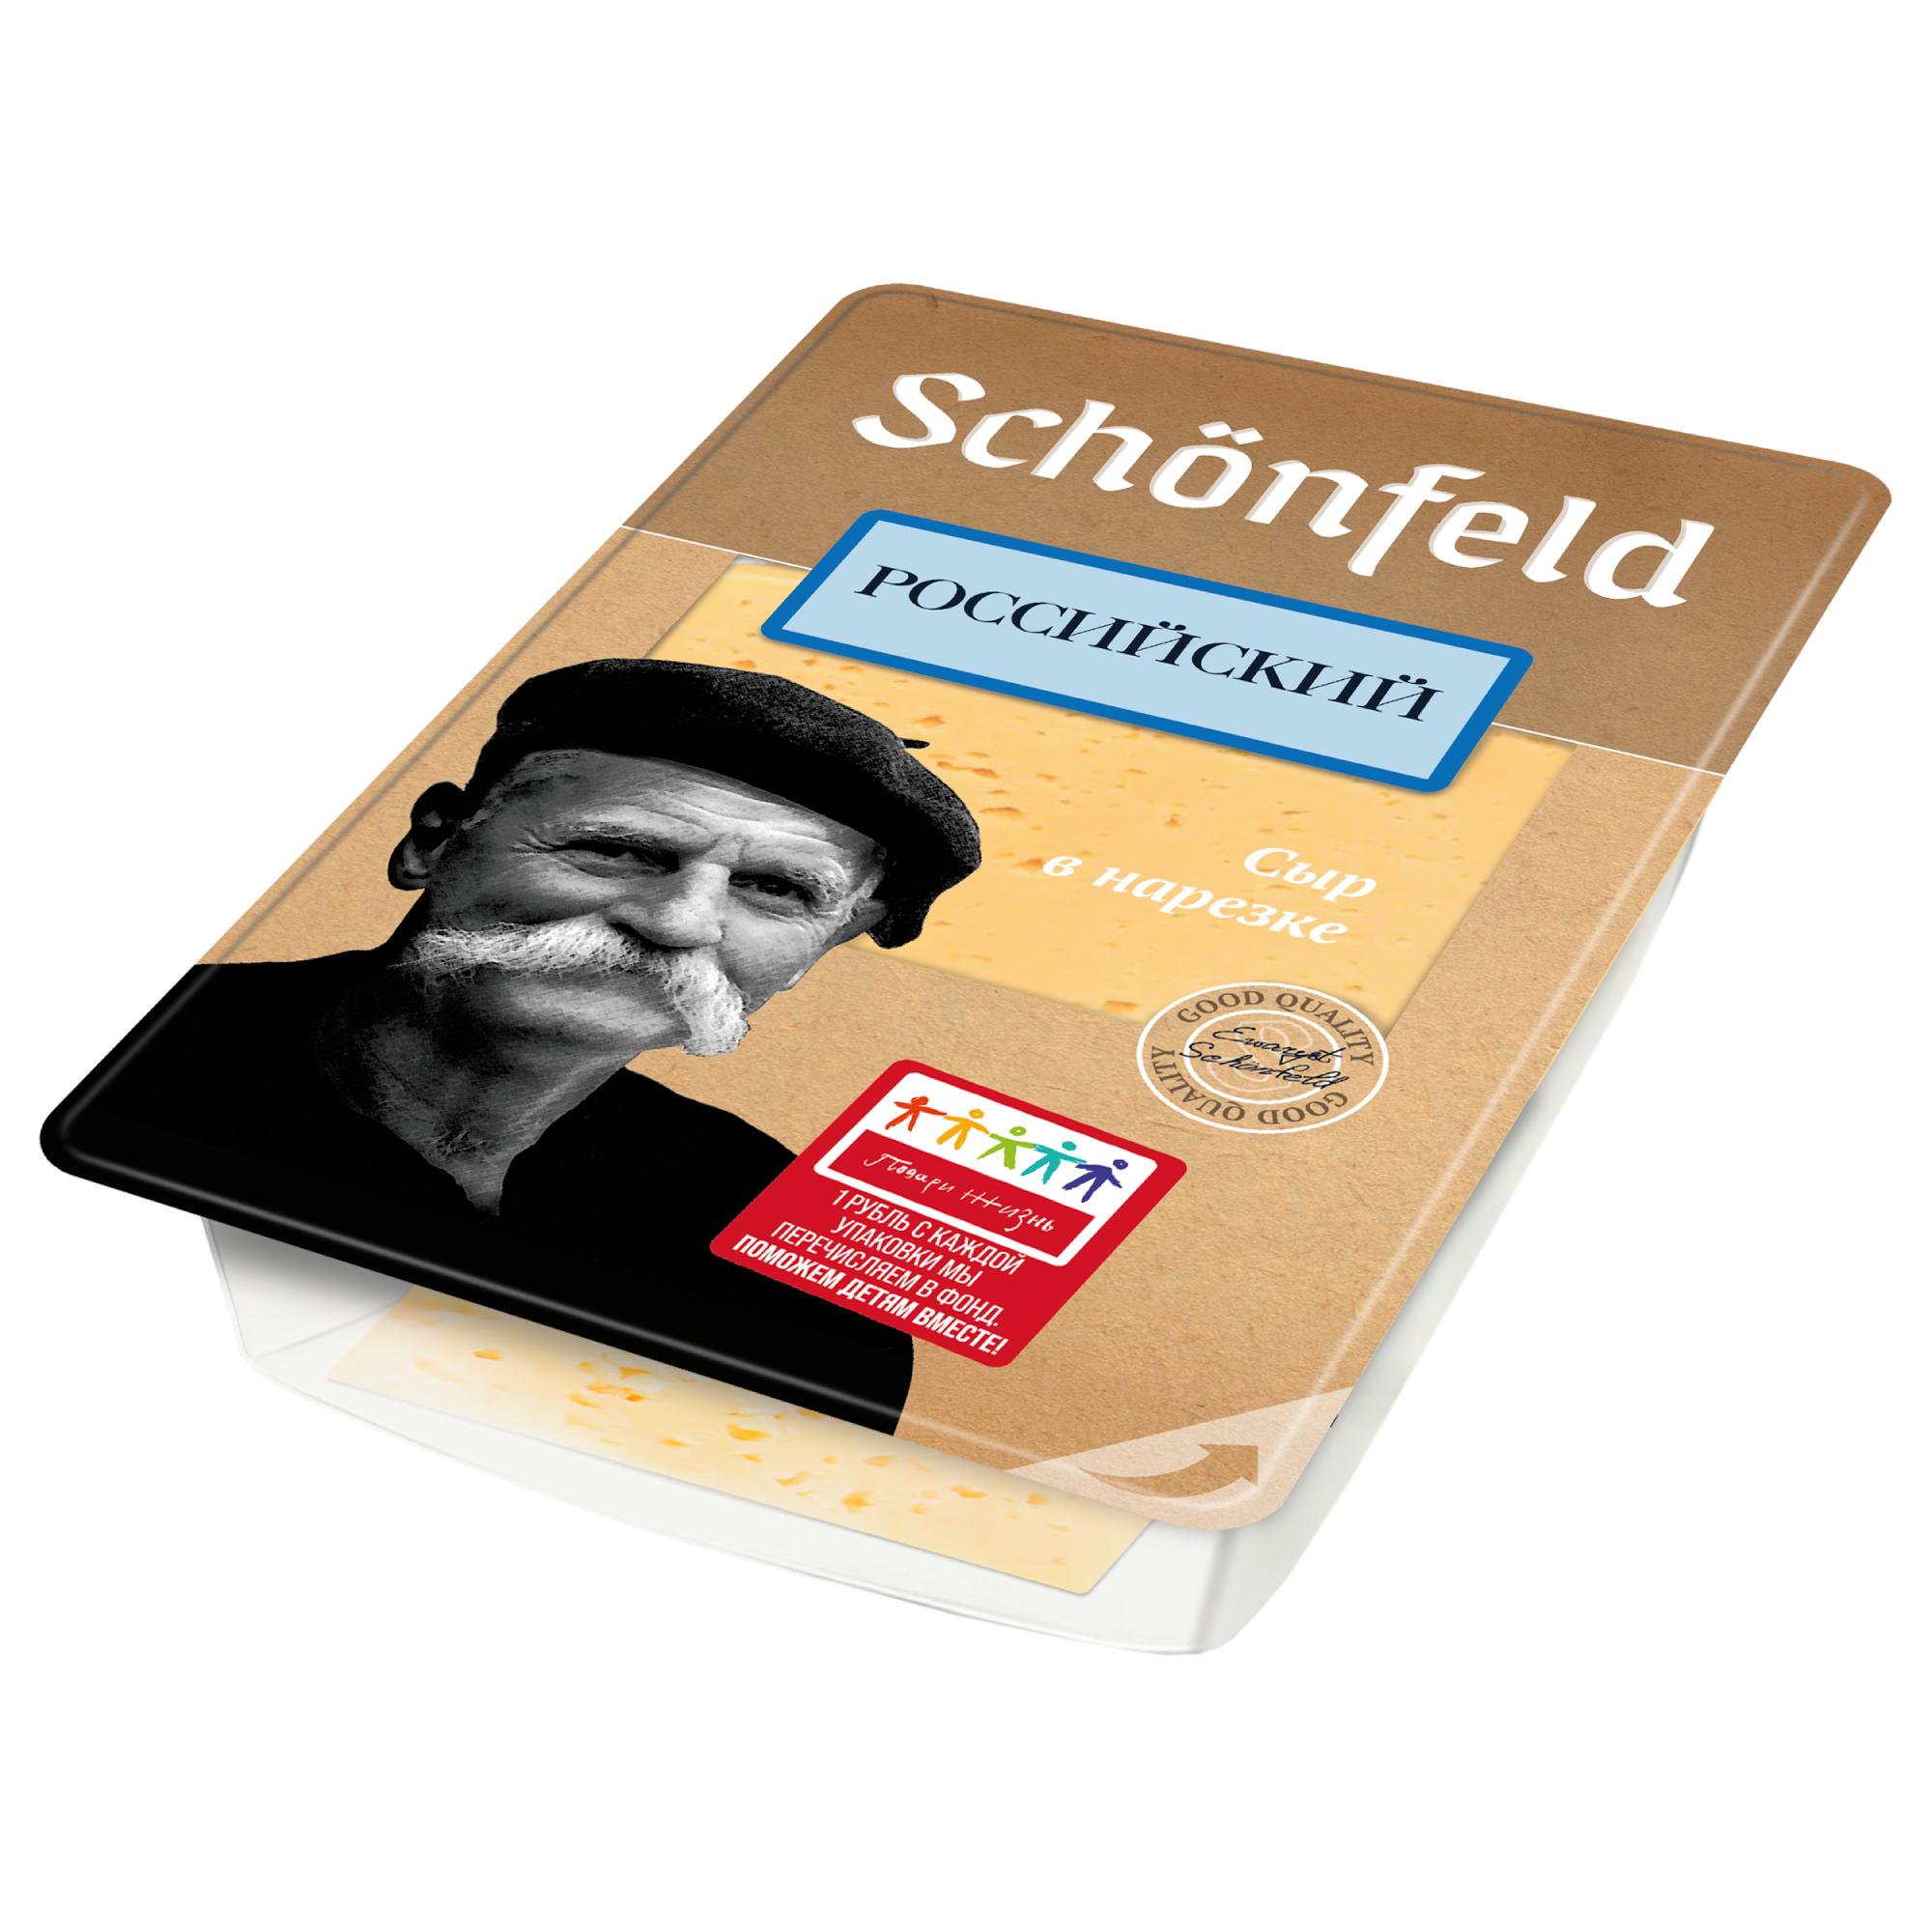 Сыр Schonfeld Российский 50% нарезка 150 г недорого